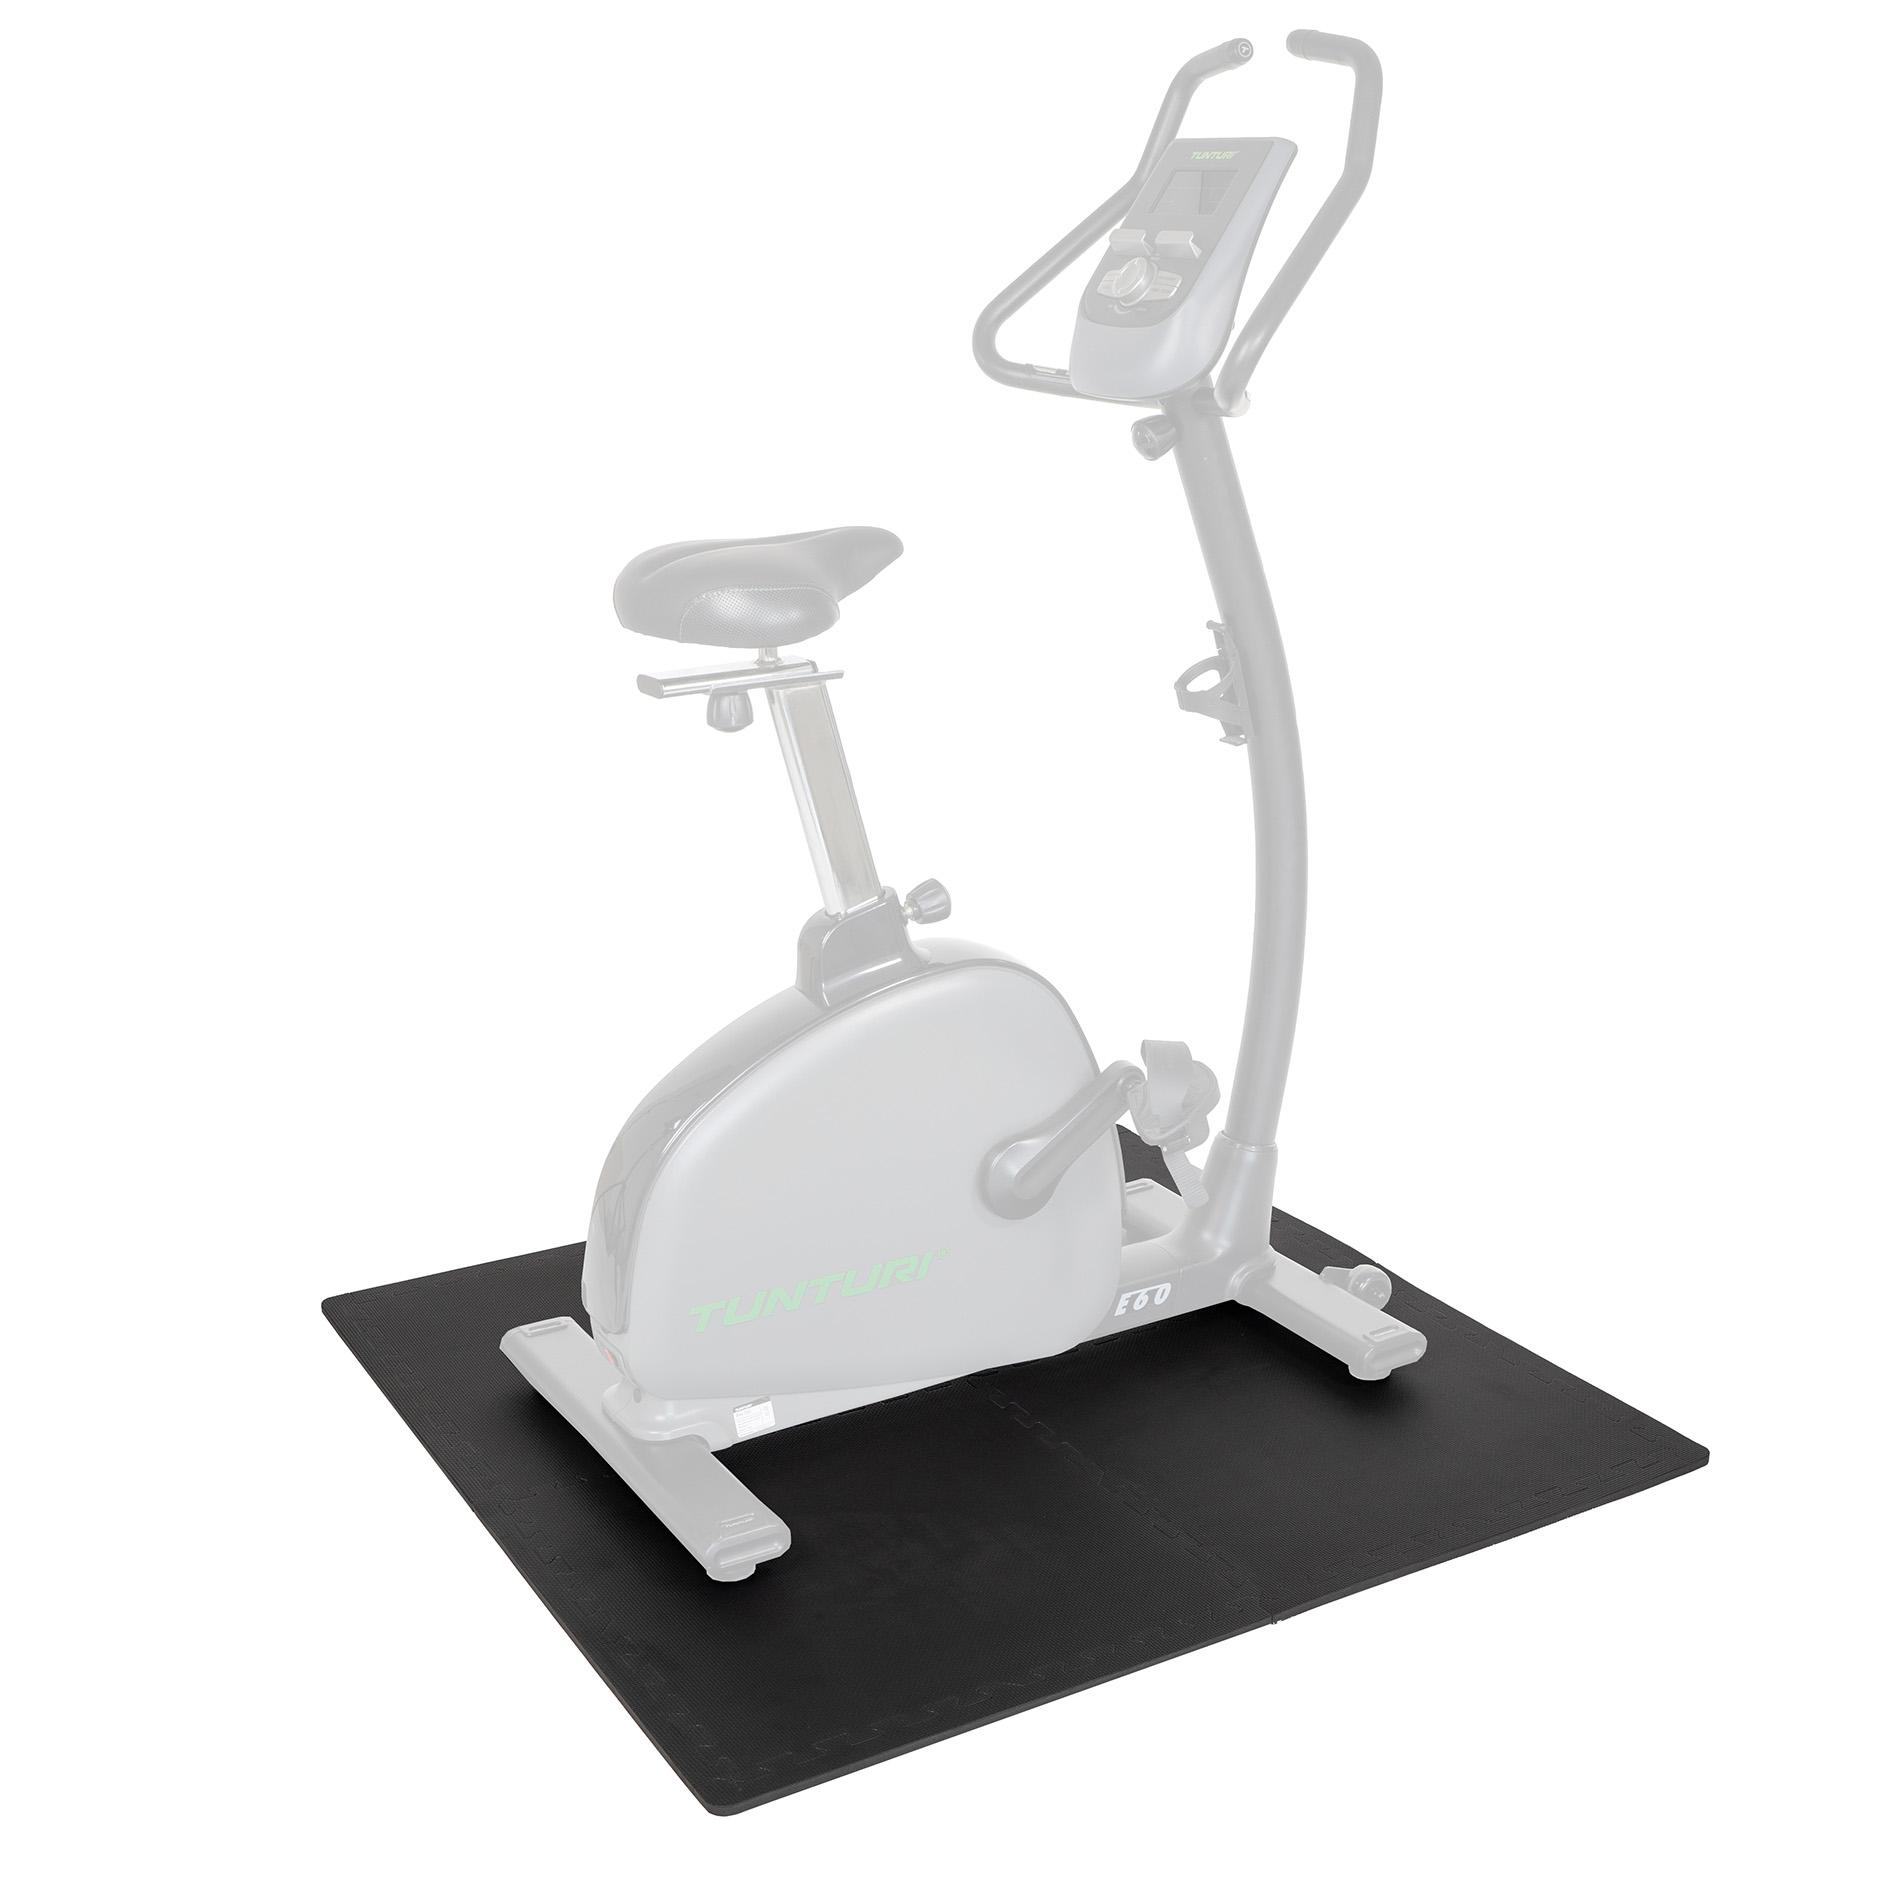 Vloerbeschermmatten set - 60 x 60 x 1,1 cm - 4st - Zwart